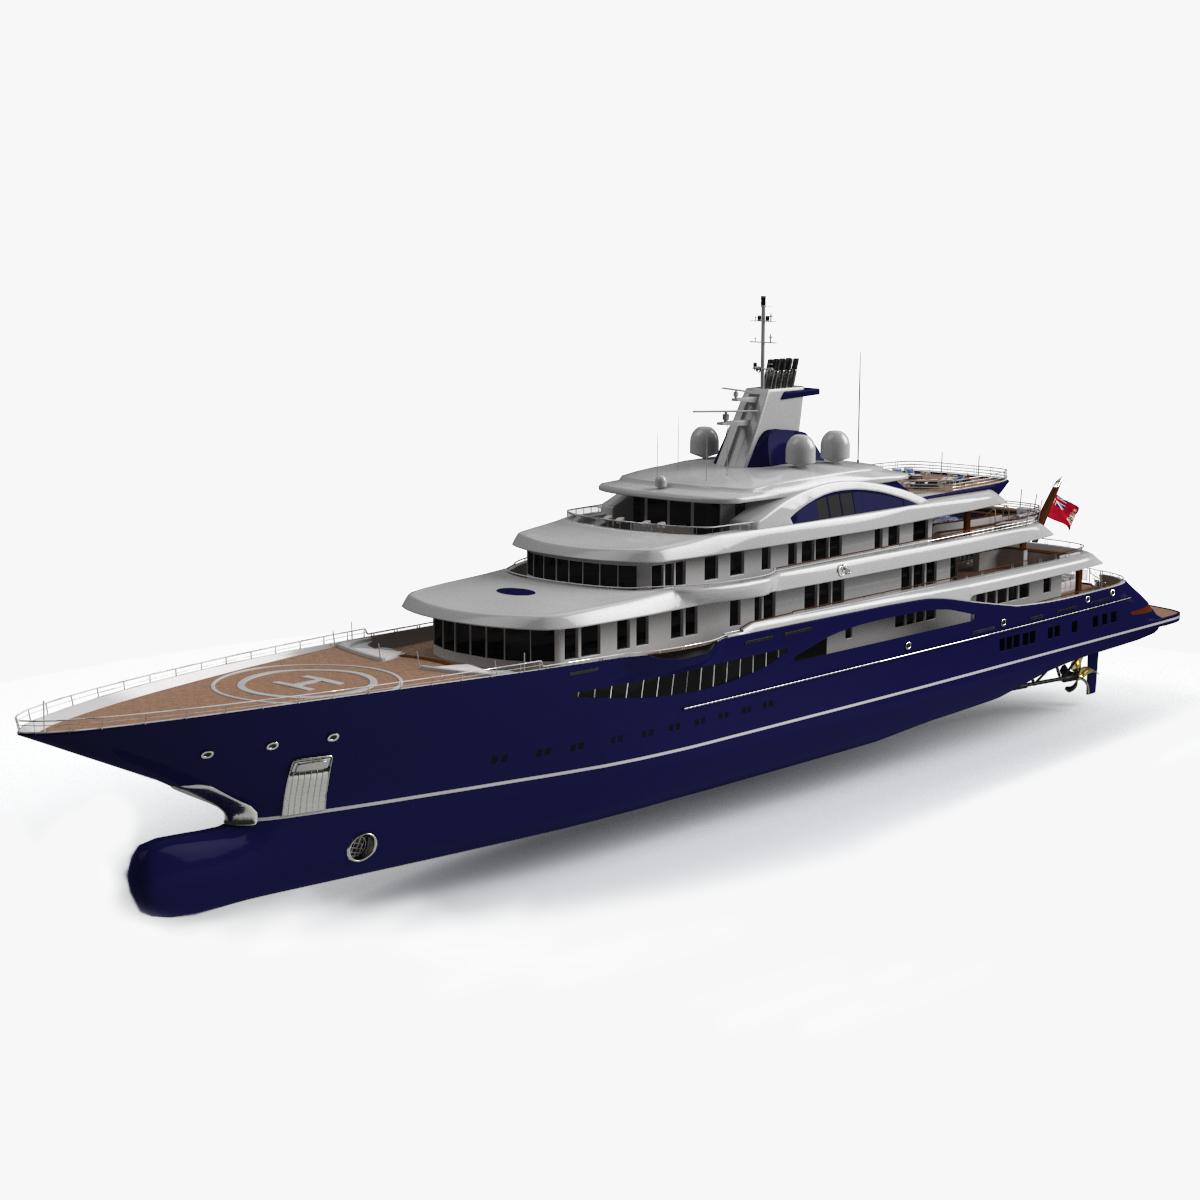 tis luxury yacht lurssen 3D